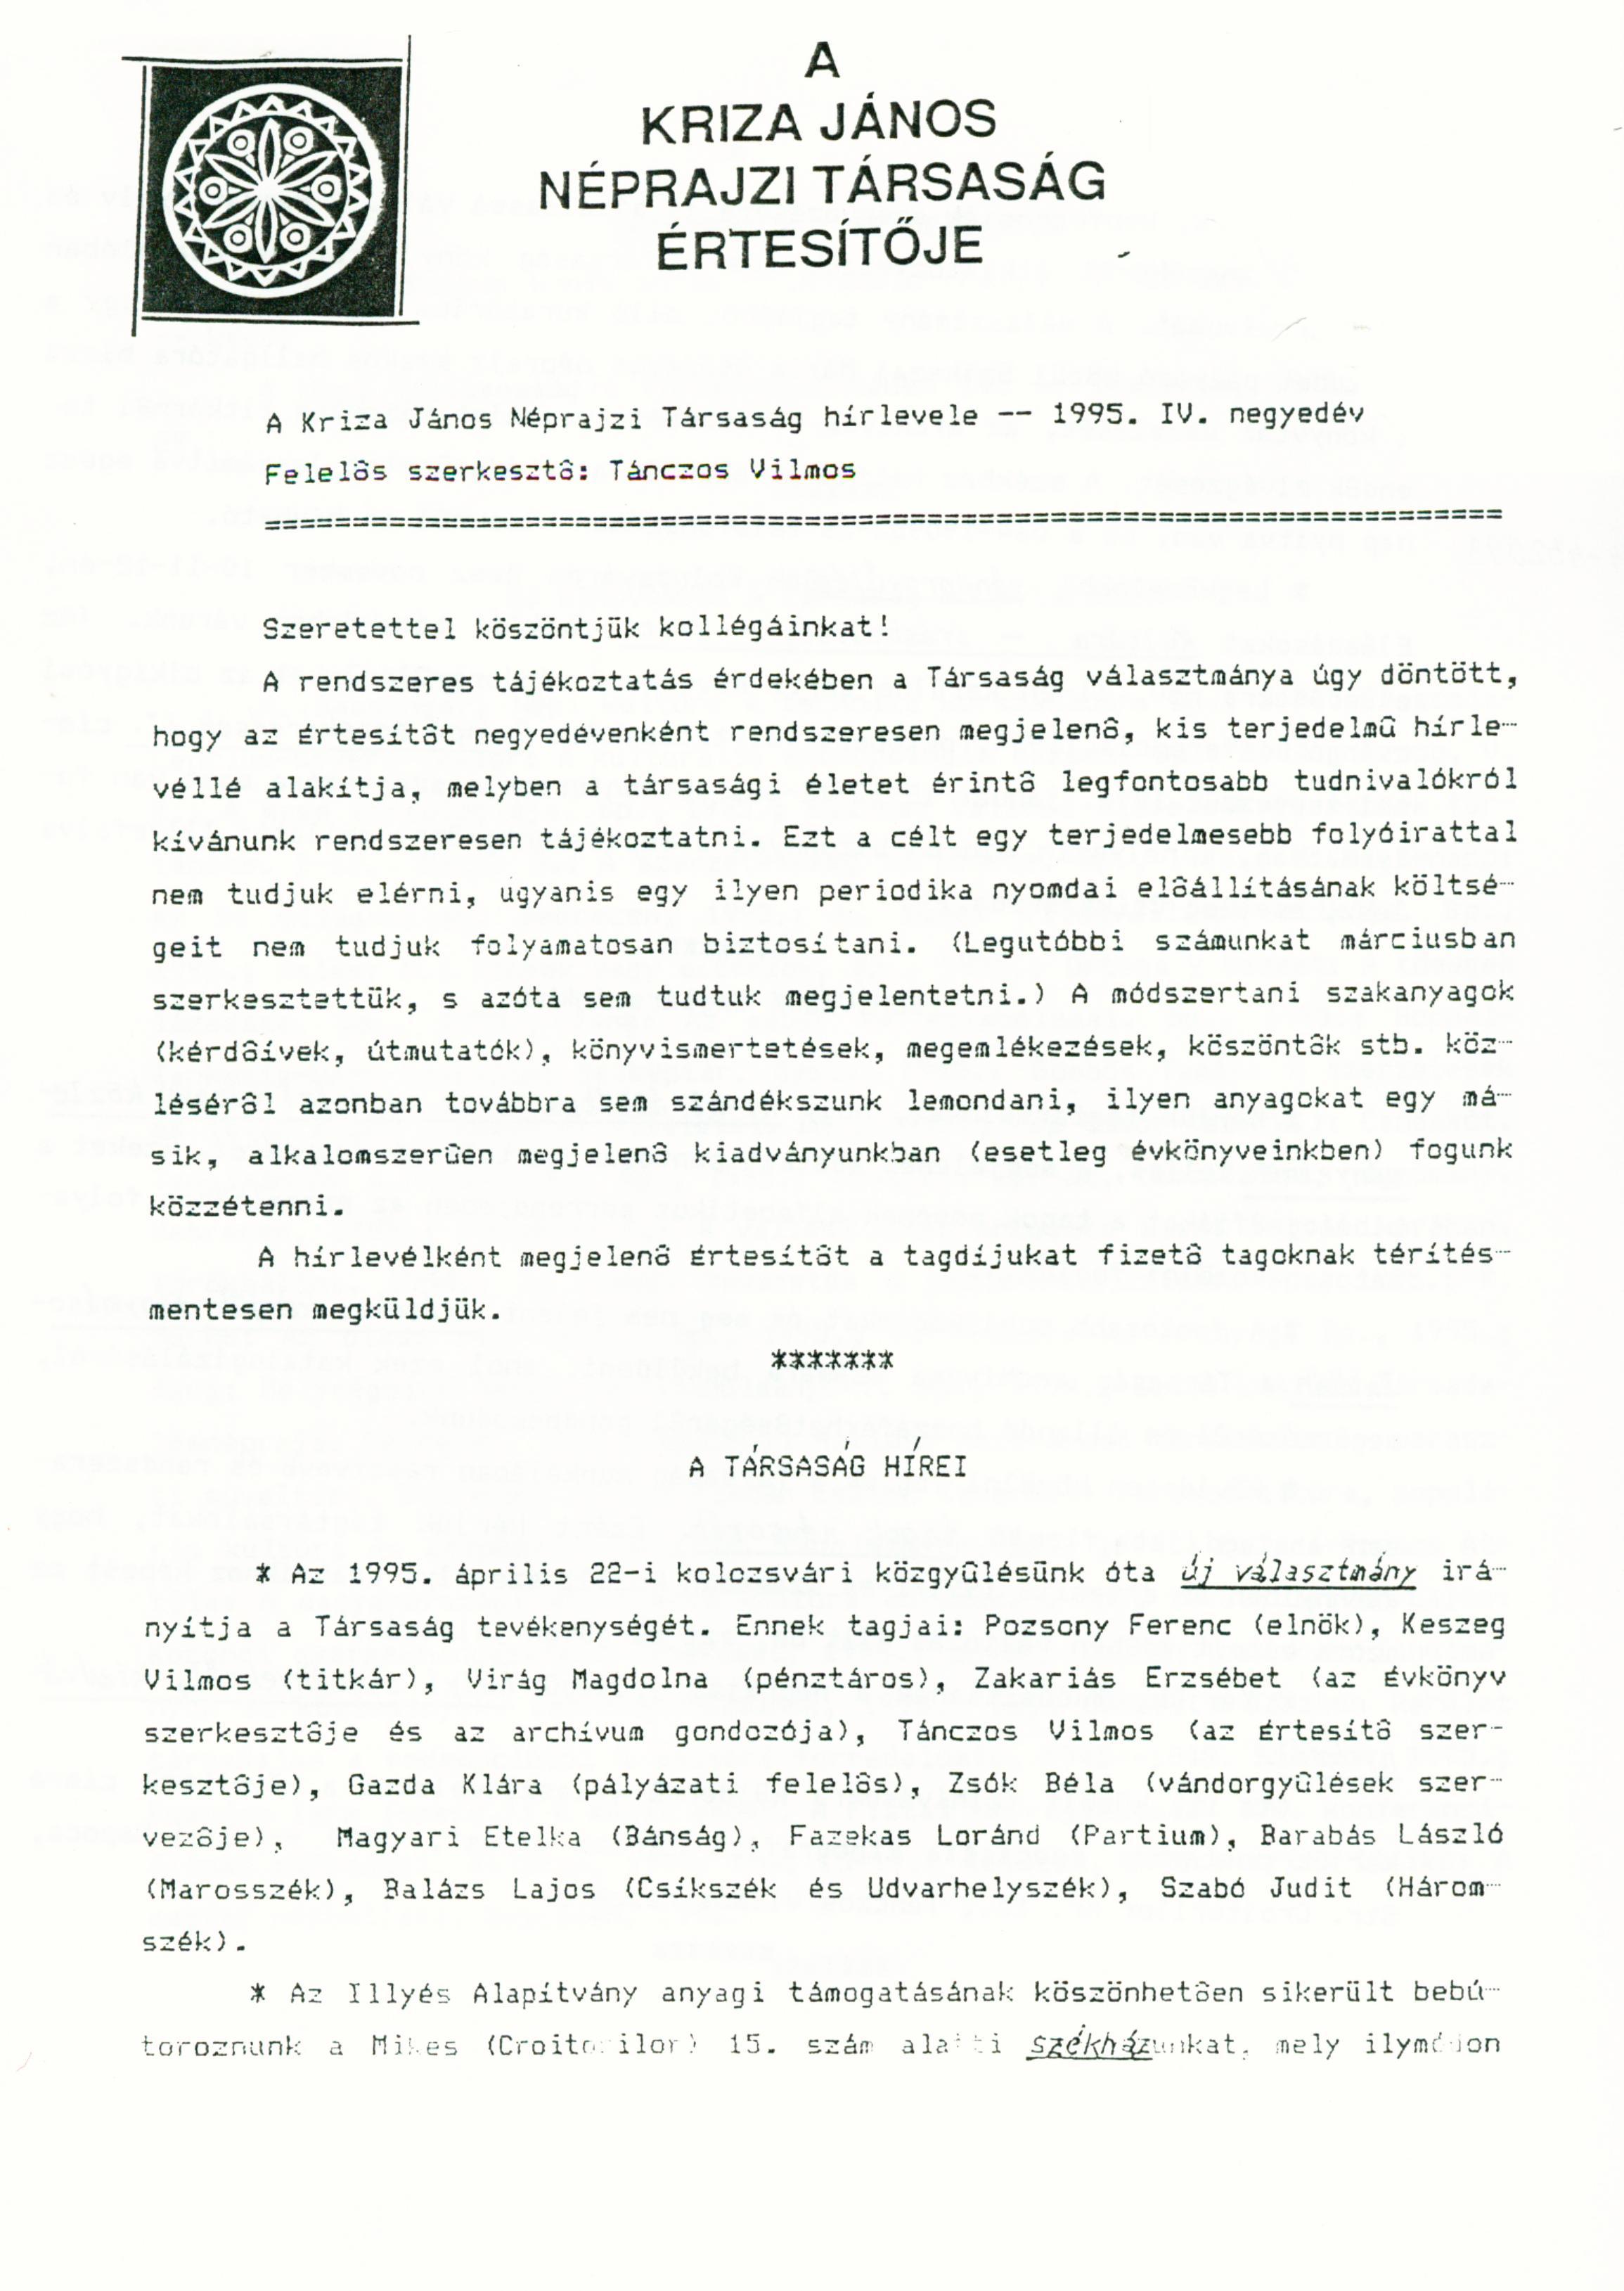 [Buletinul Asociaţiei Etnografice Kriza János. Vol. V. Nr. 4.] A Kriza János Néprajzi Társaság Értesítője. V. évf. 4. sz.